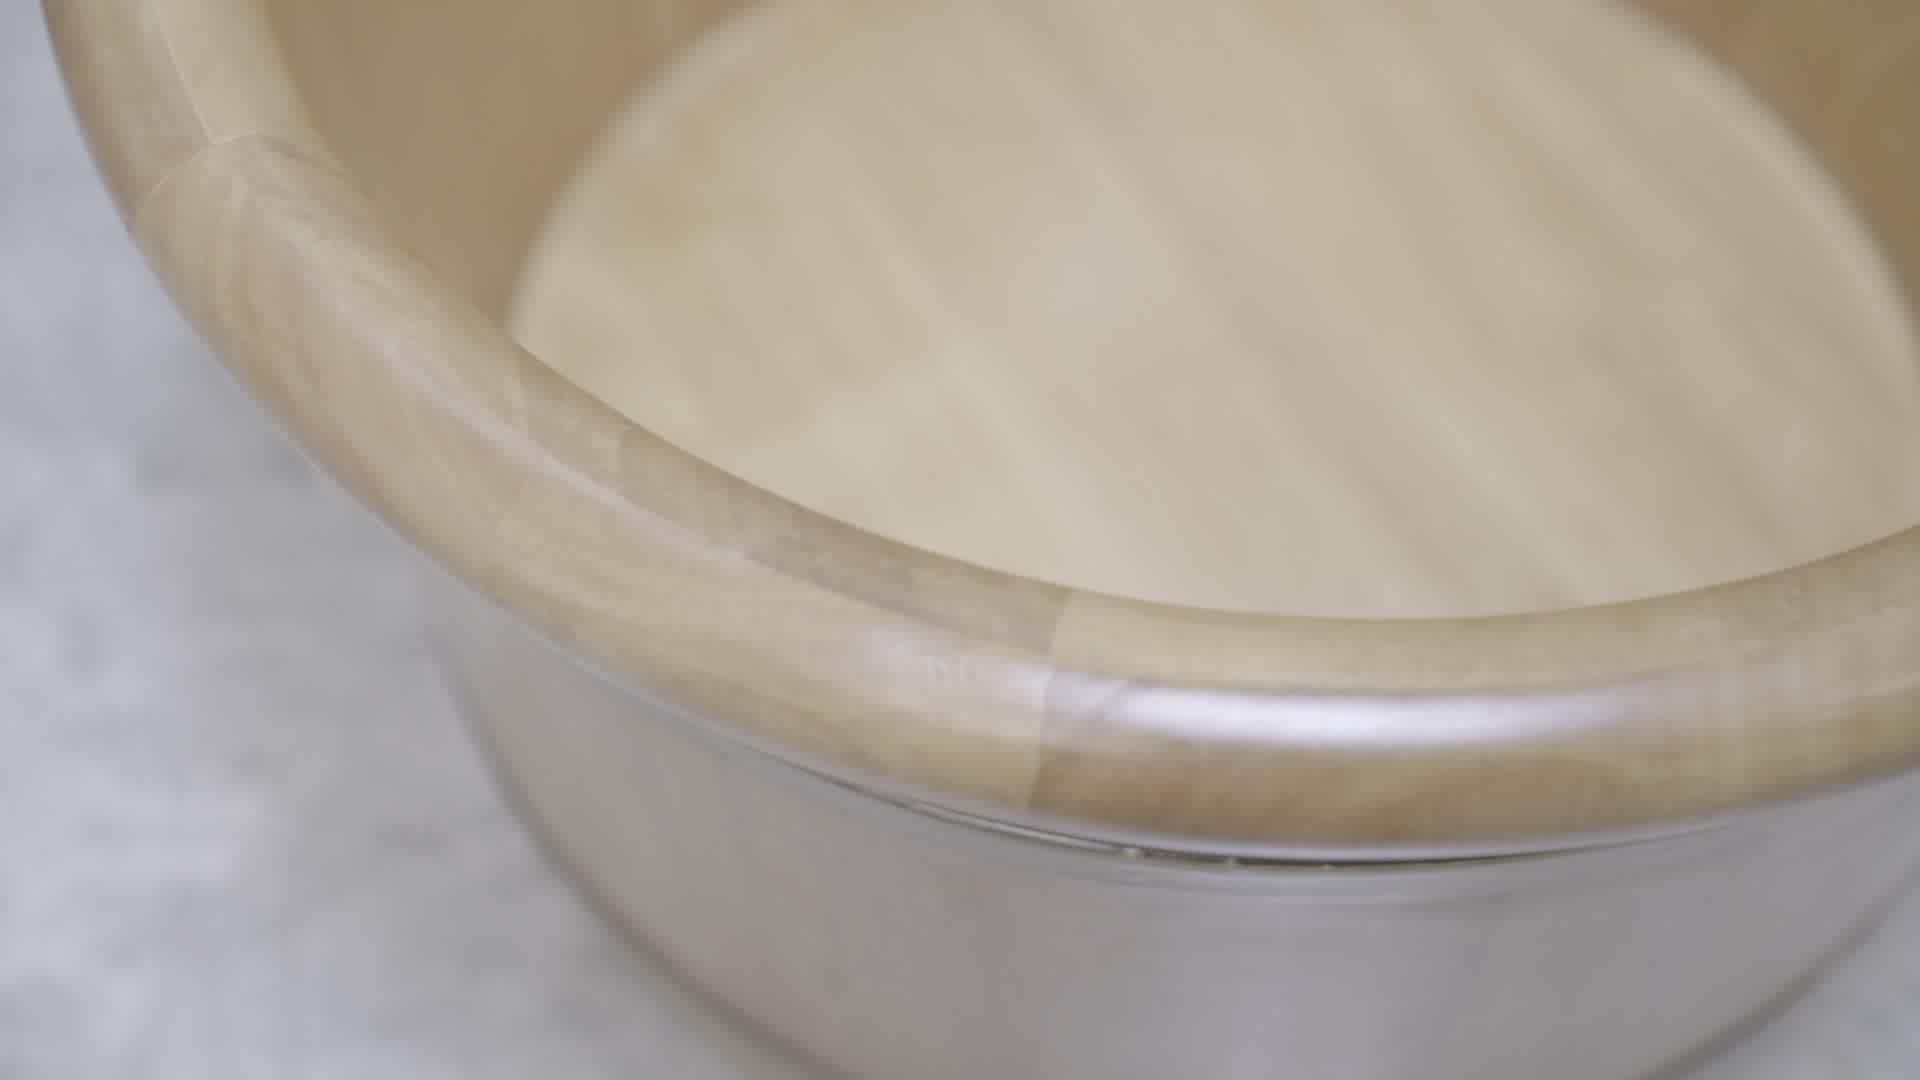 Wood Sauna Barrel Wooden Japan Tub Portable Foot Bath Bucket